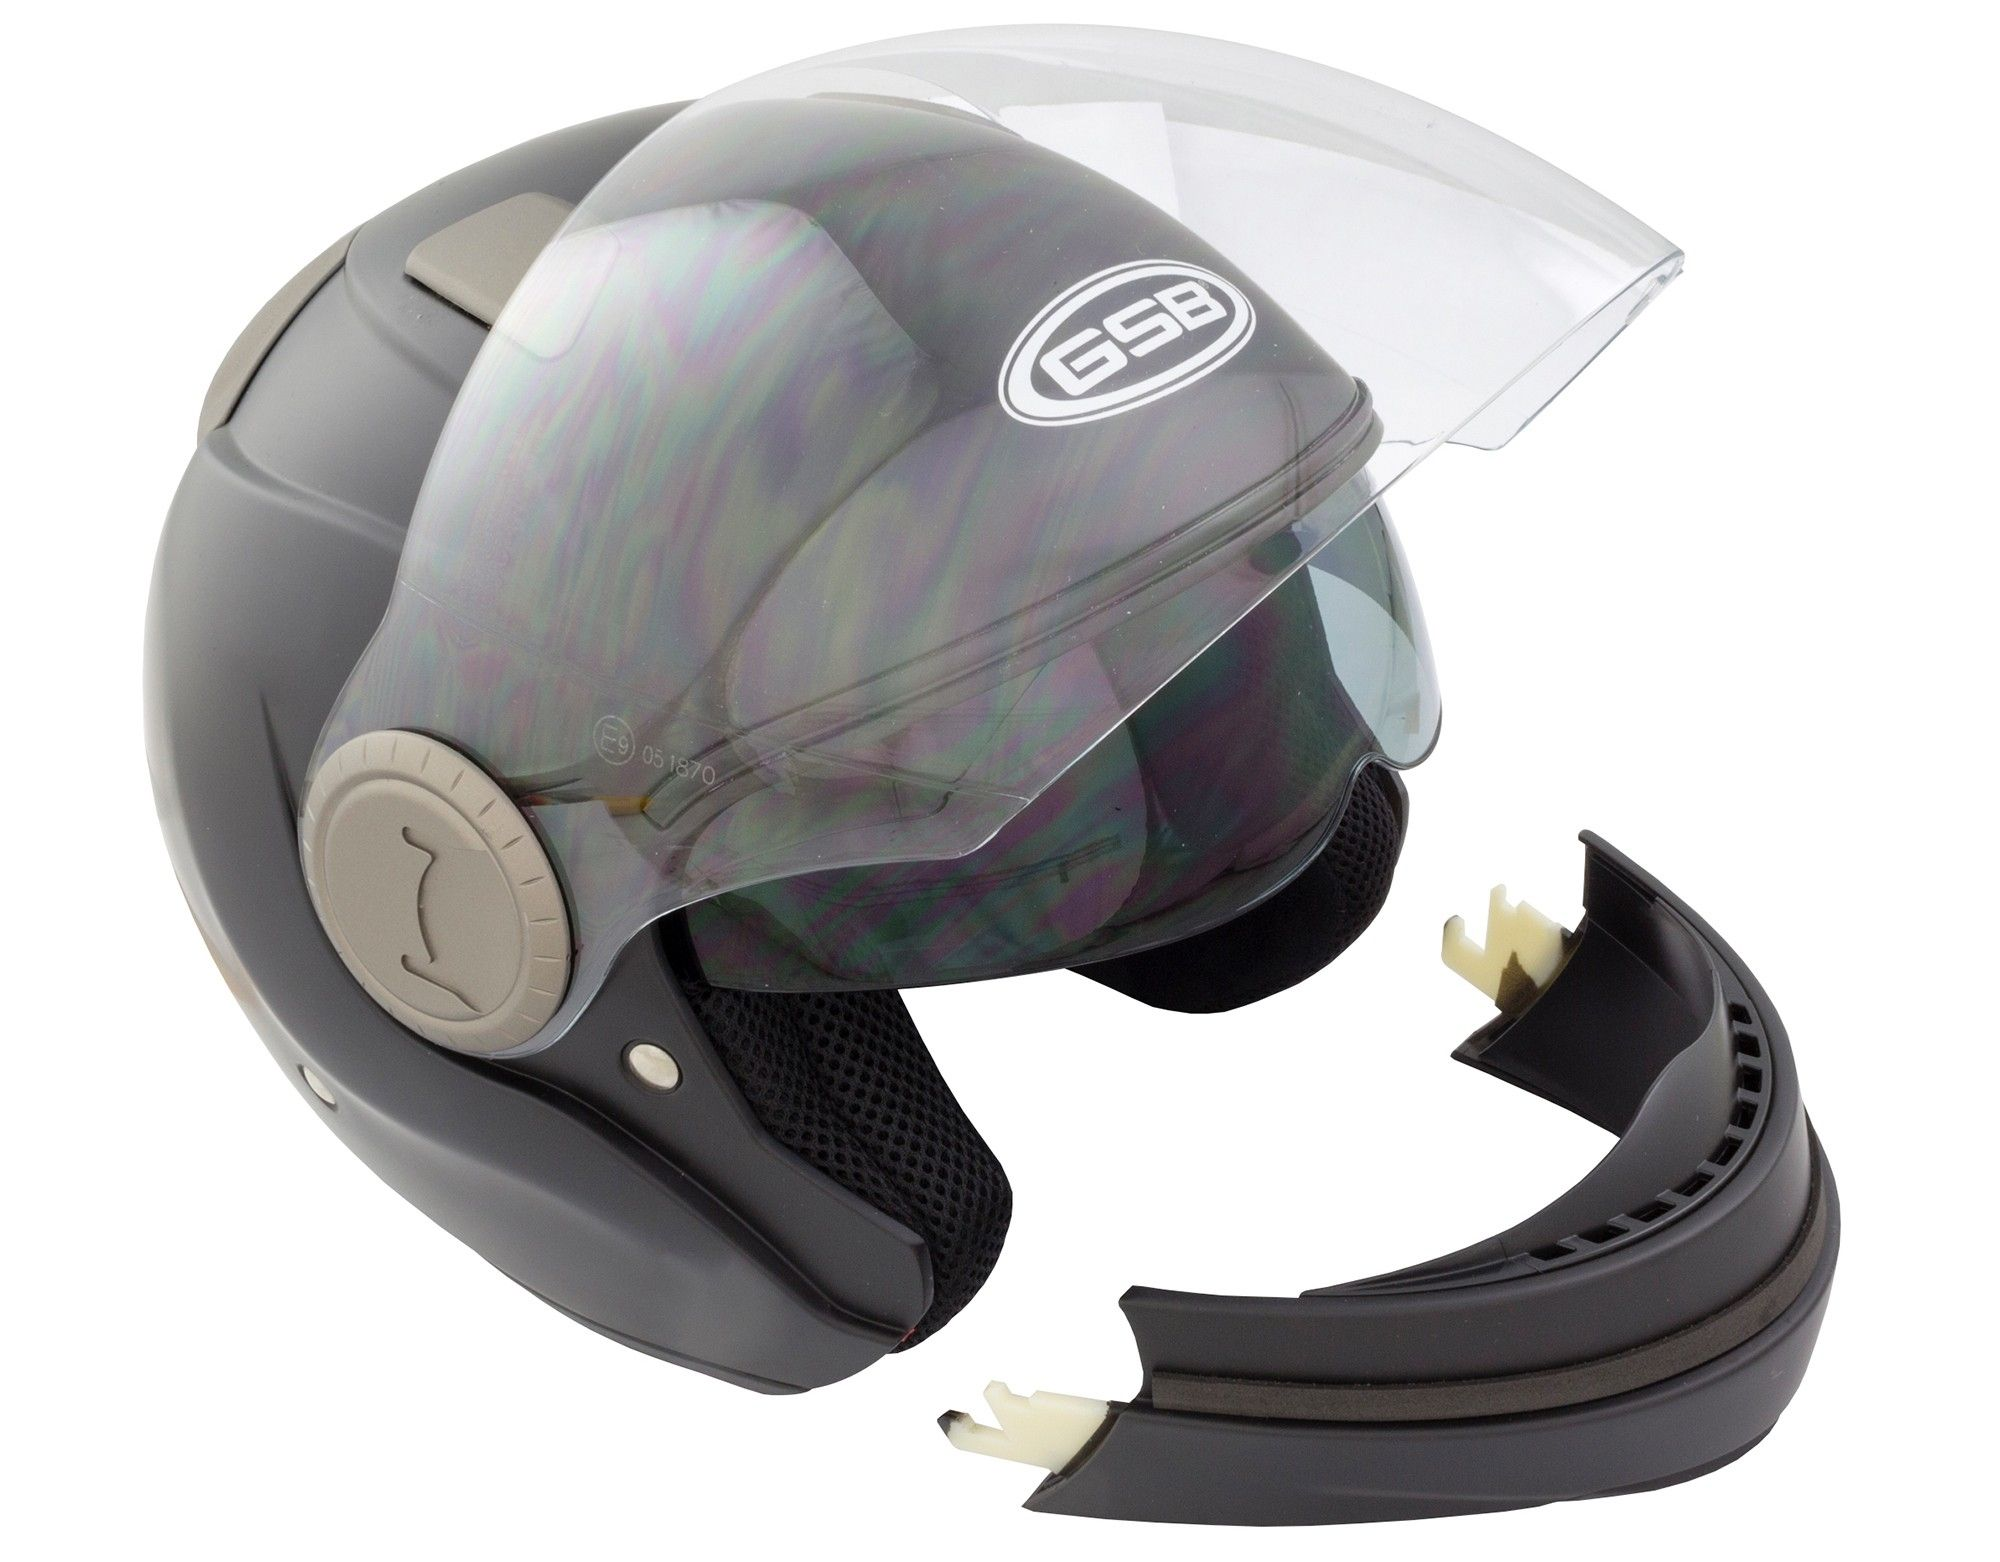 【GSB】G-246 Dual Street 全罩式安全帽 - 「Webike-摩托百貨」